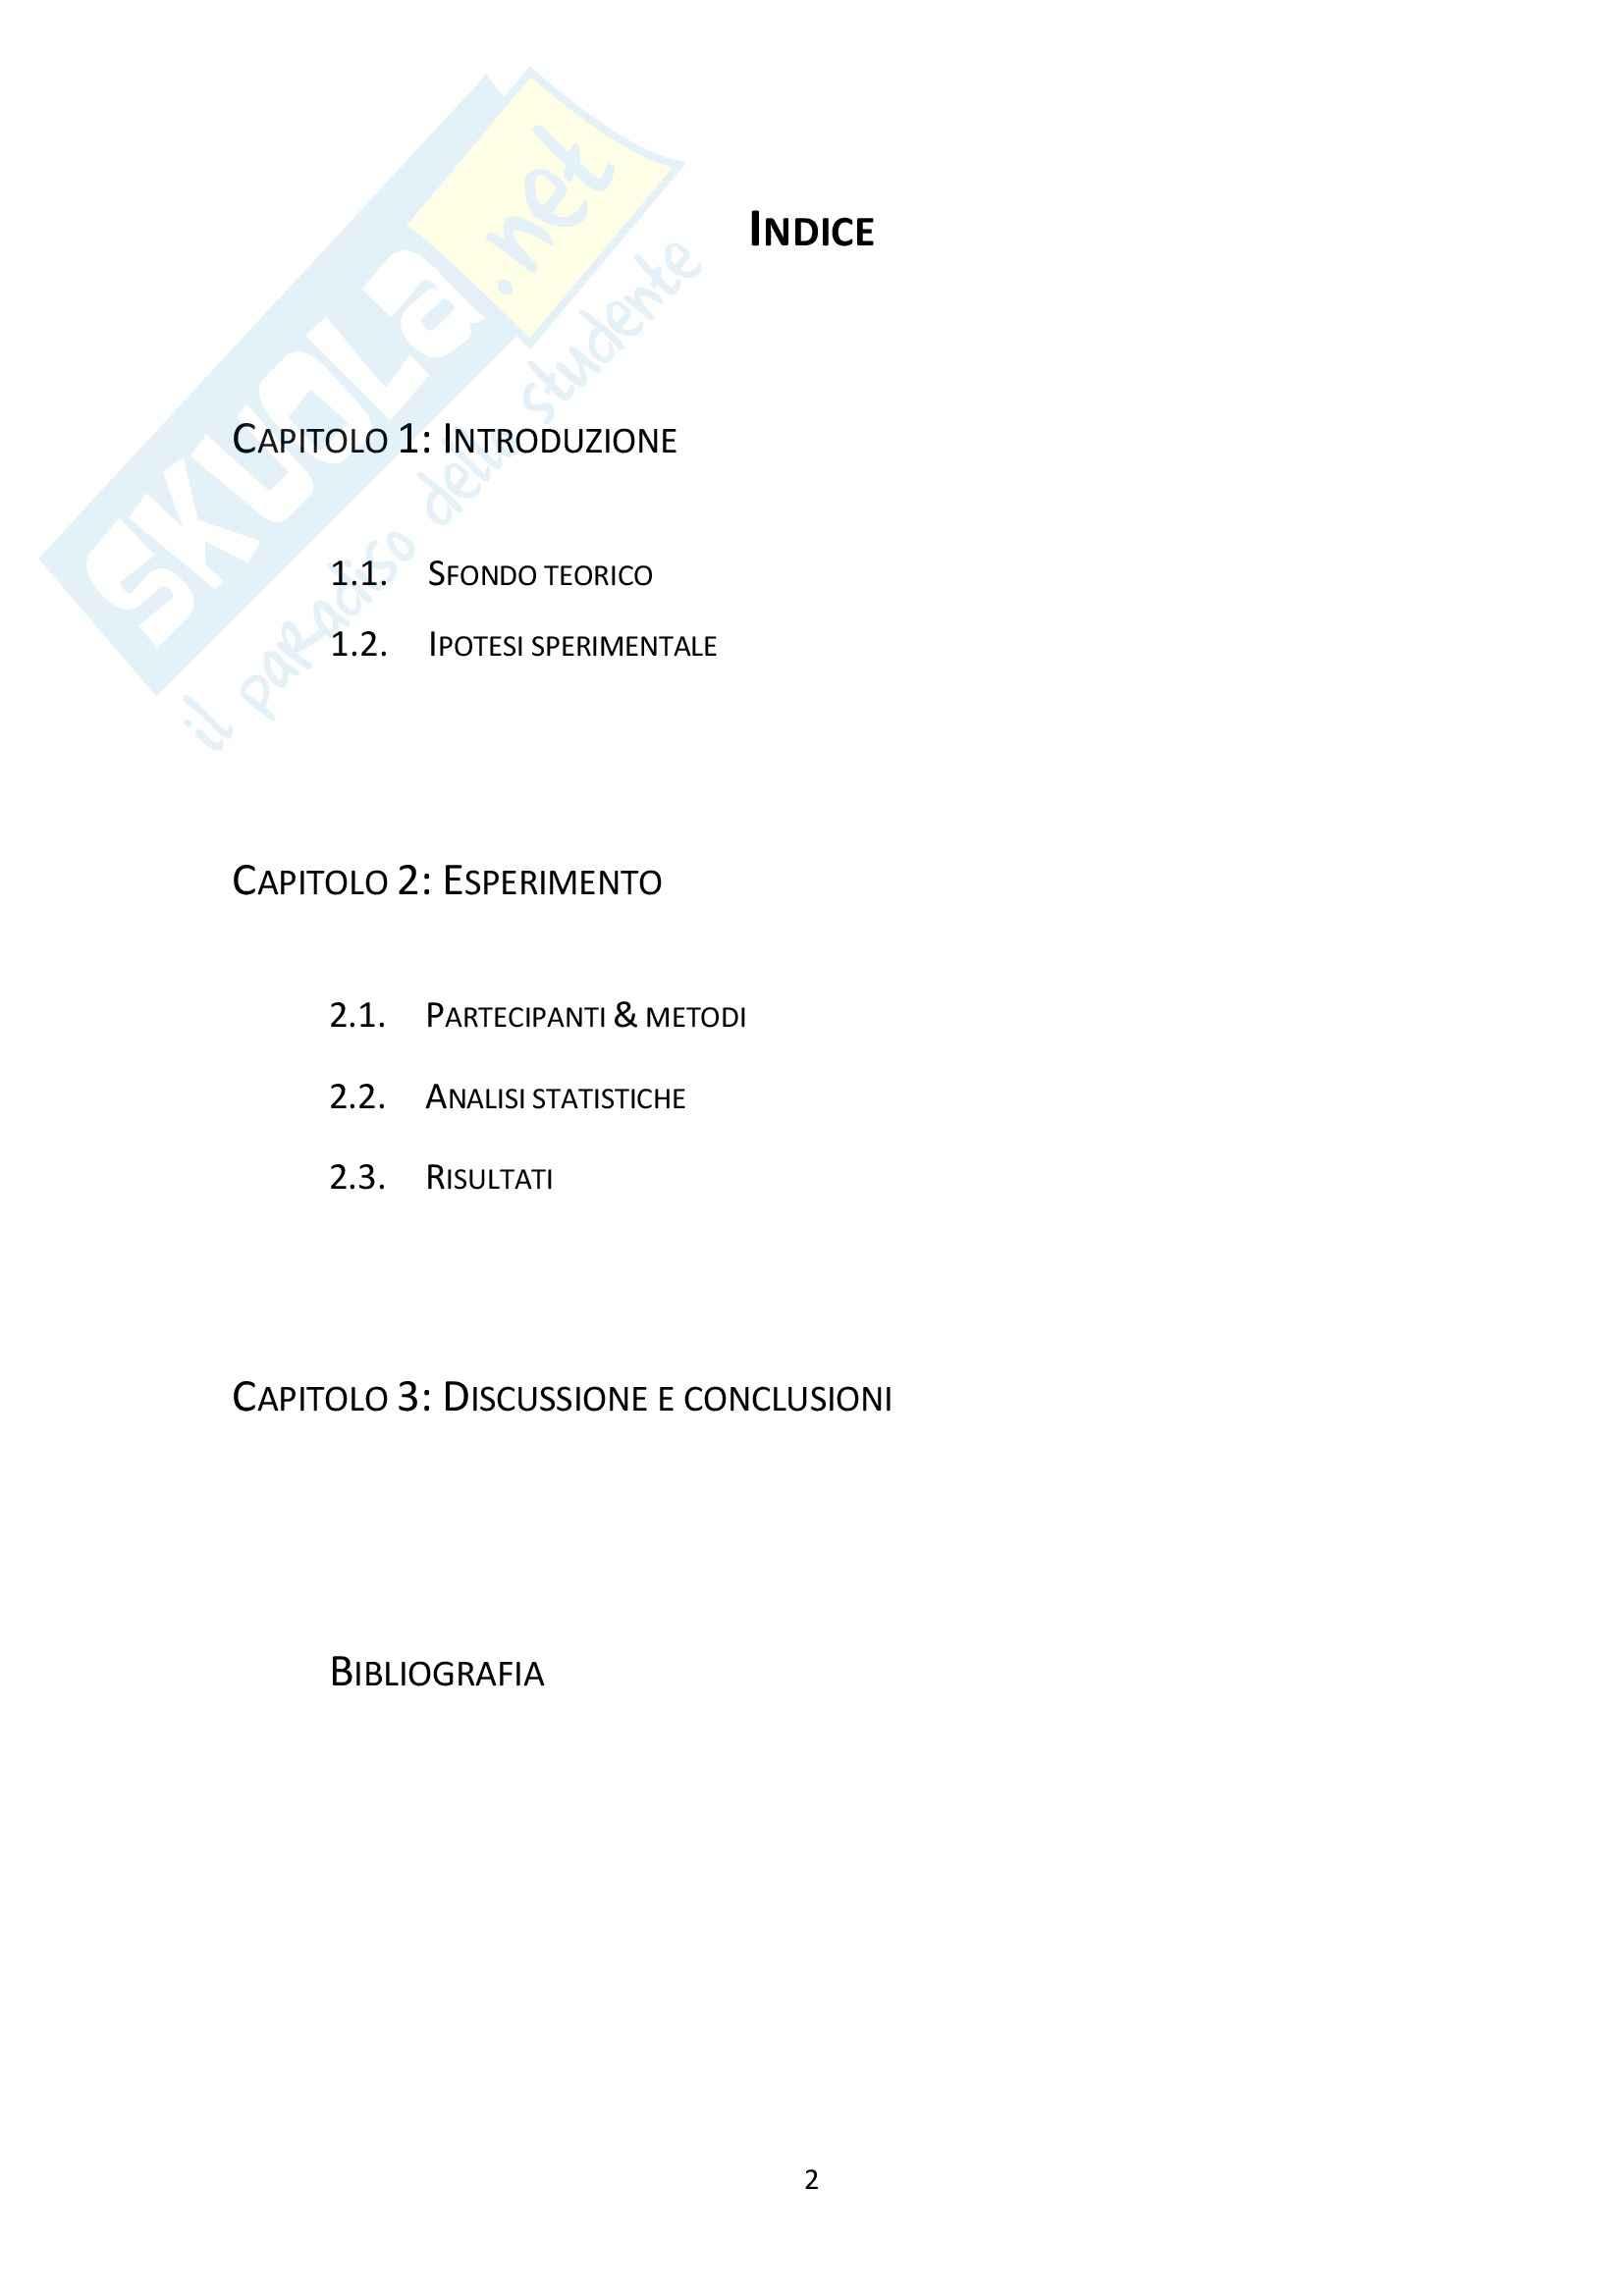 Tesi - Rappresentazione metrica di oggetti corporei ed extracorporei: uno studio sperimentale. Pag. 2